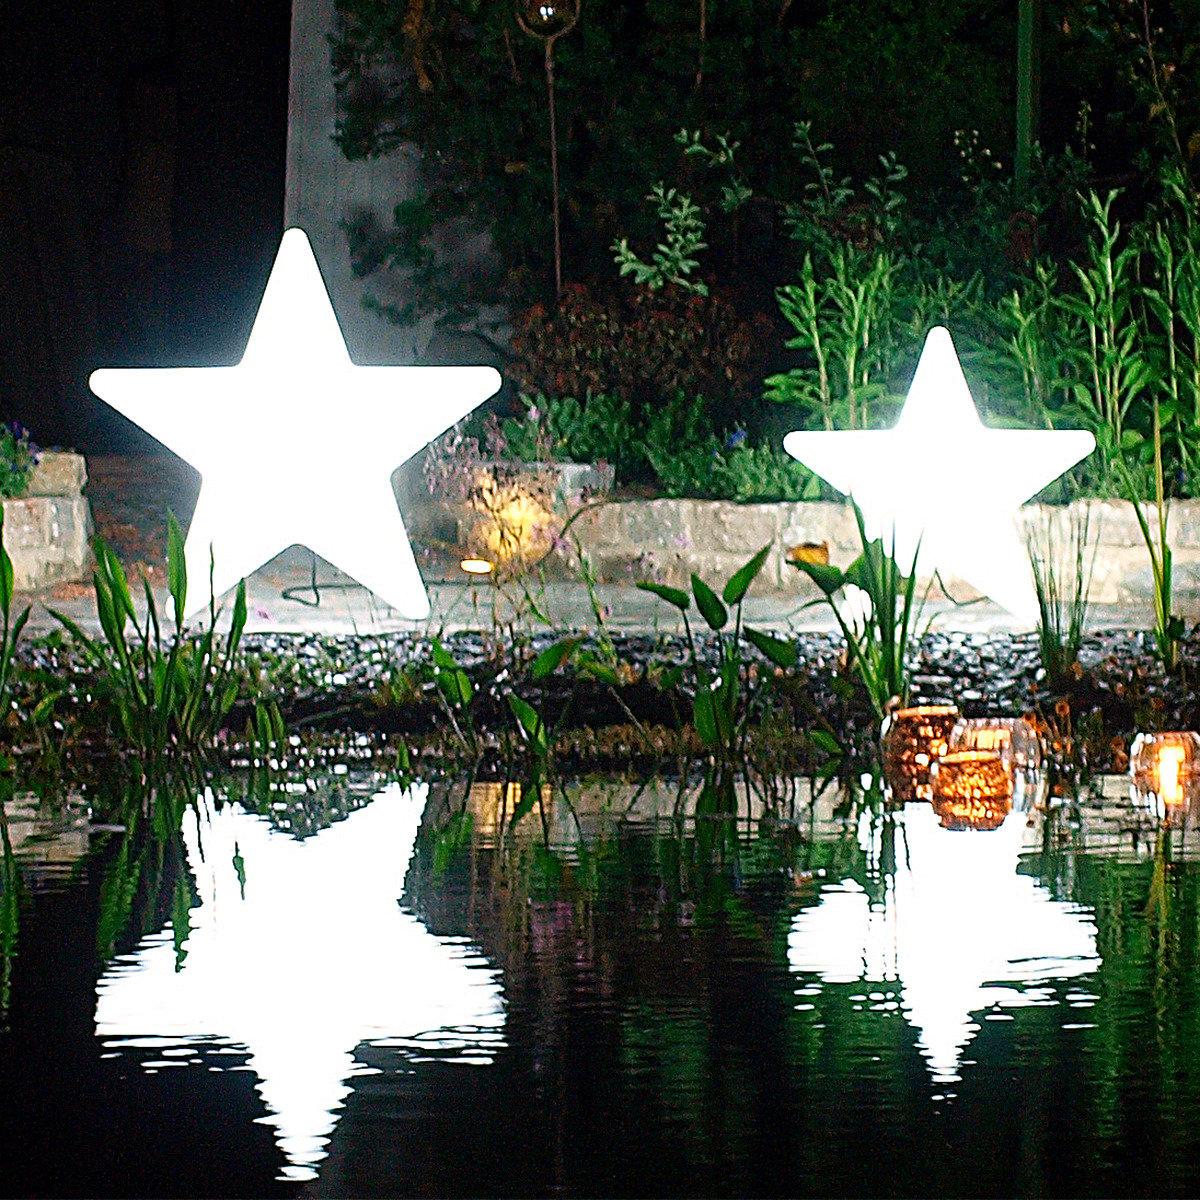 maxi leuchtstern shining star klein von g rtner p tschke. Black Bedroom Furniture Sets. Home Design Ideas